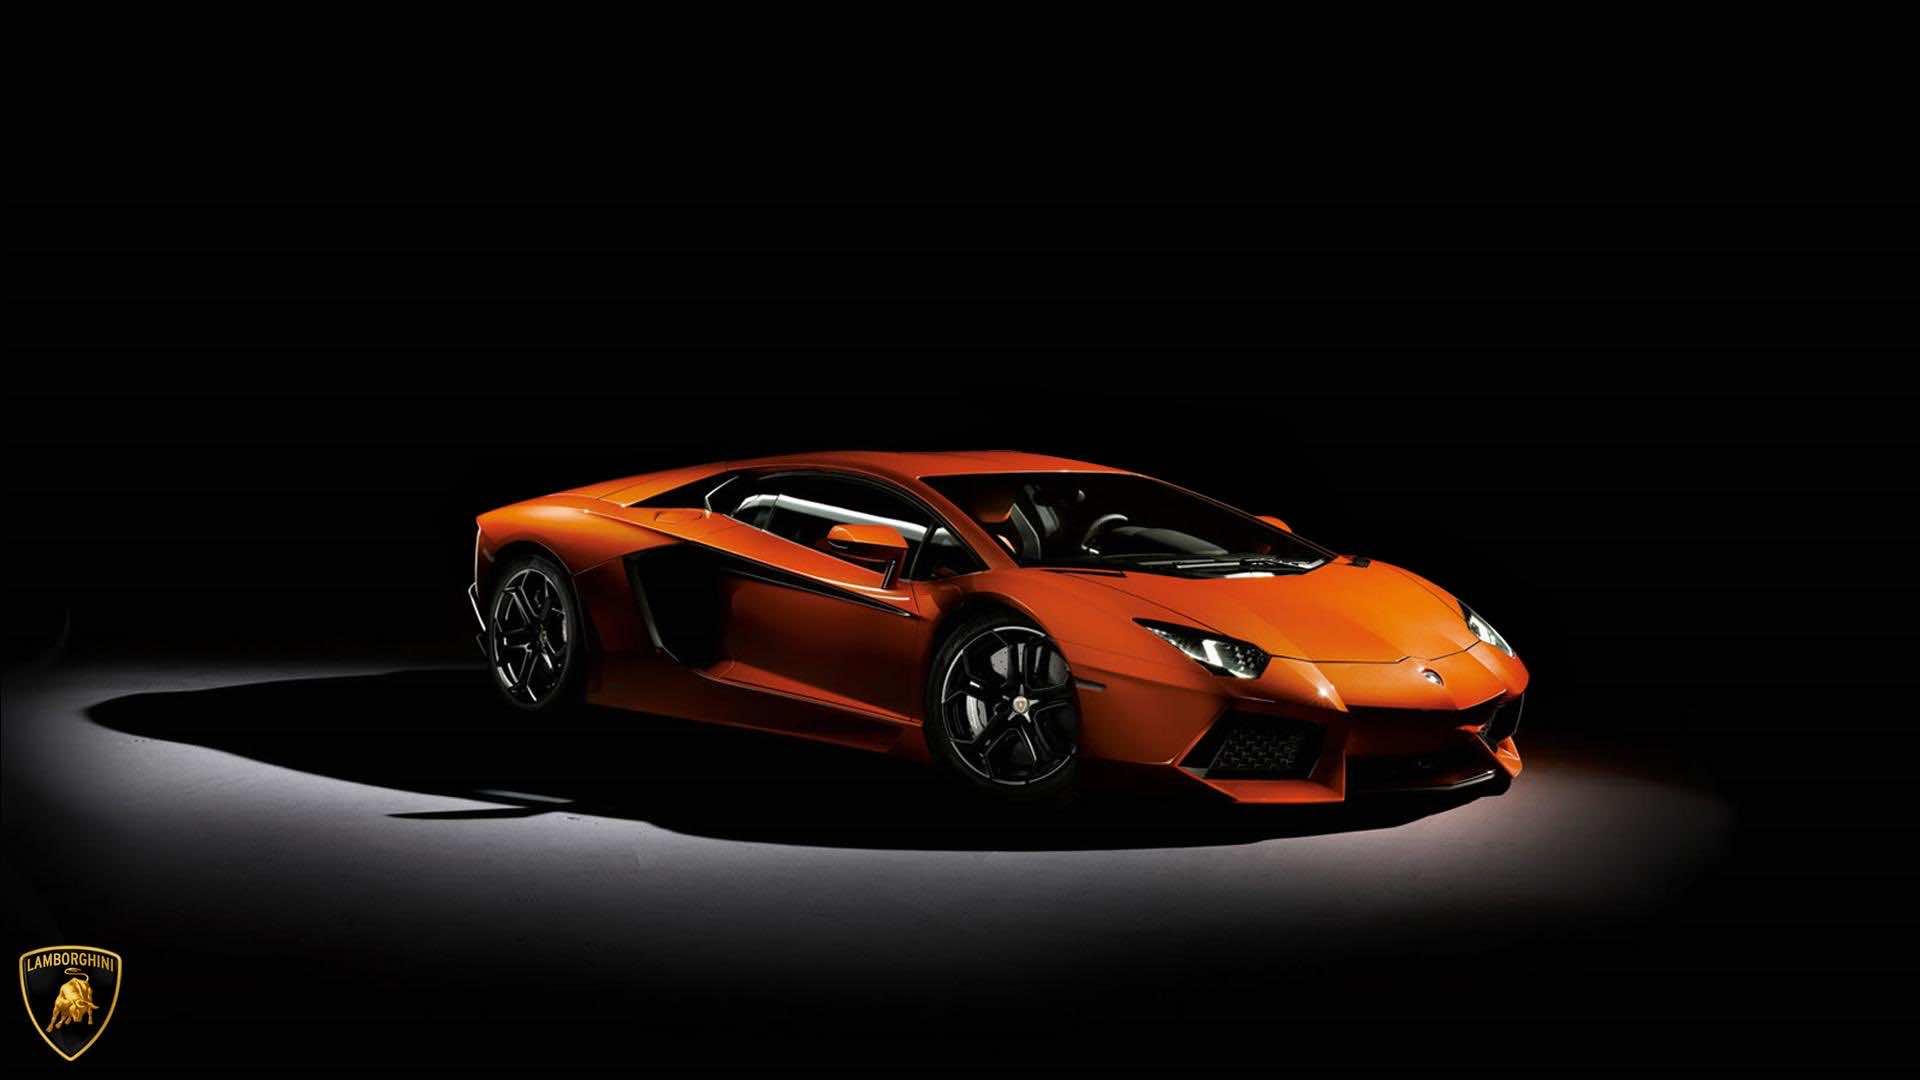 Download Lamborghini Wallpapers In Hd For Desktop And Mobile